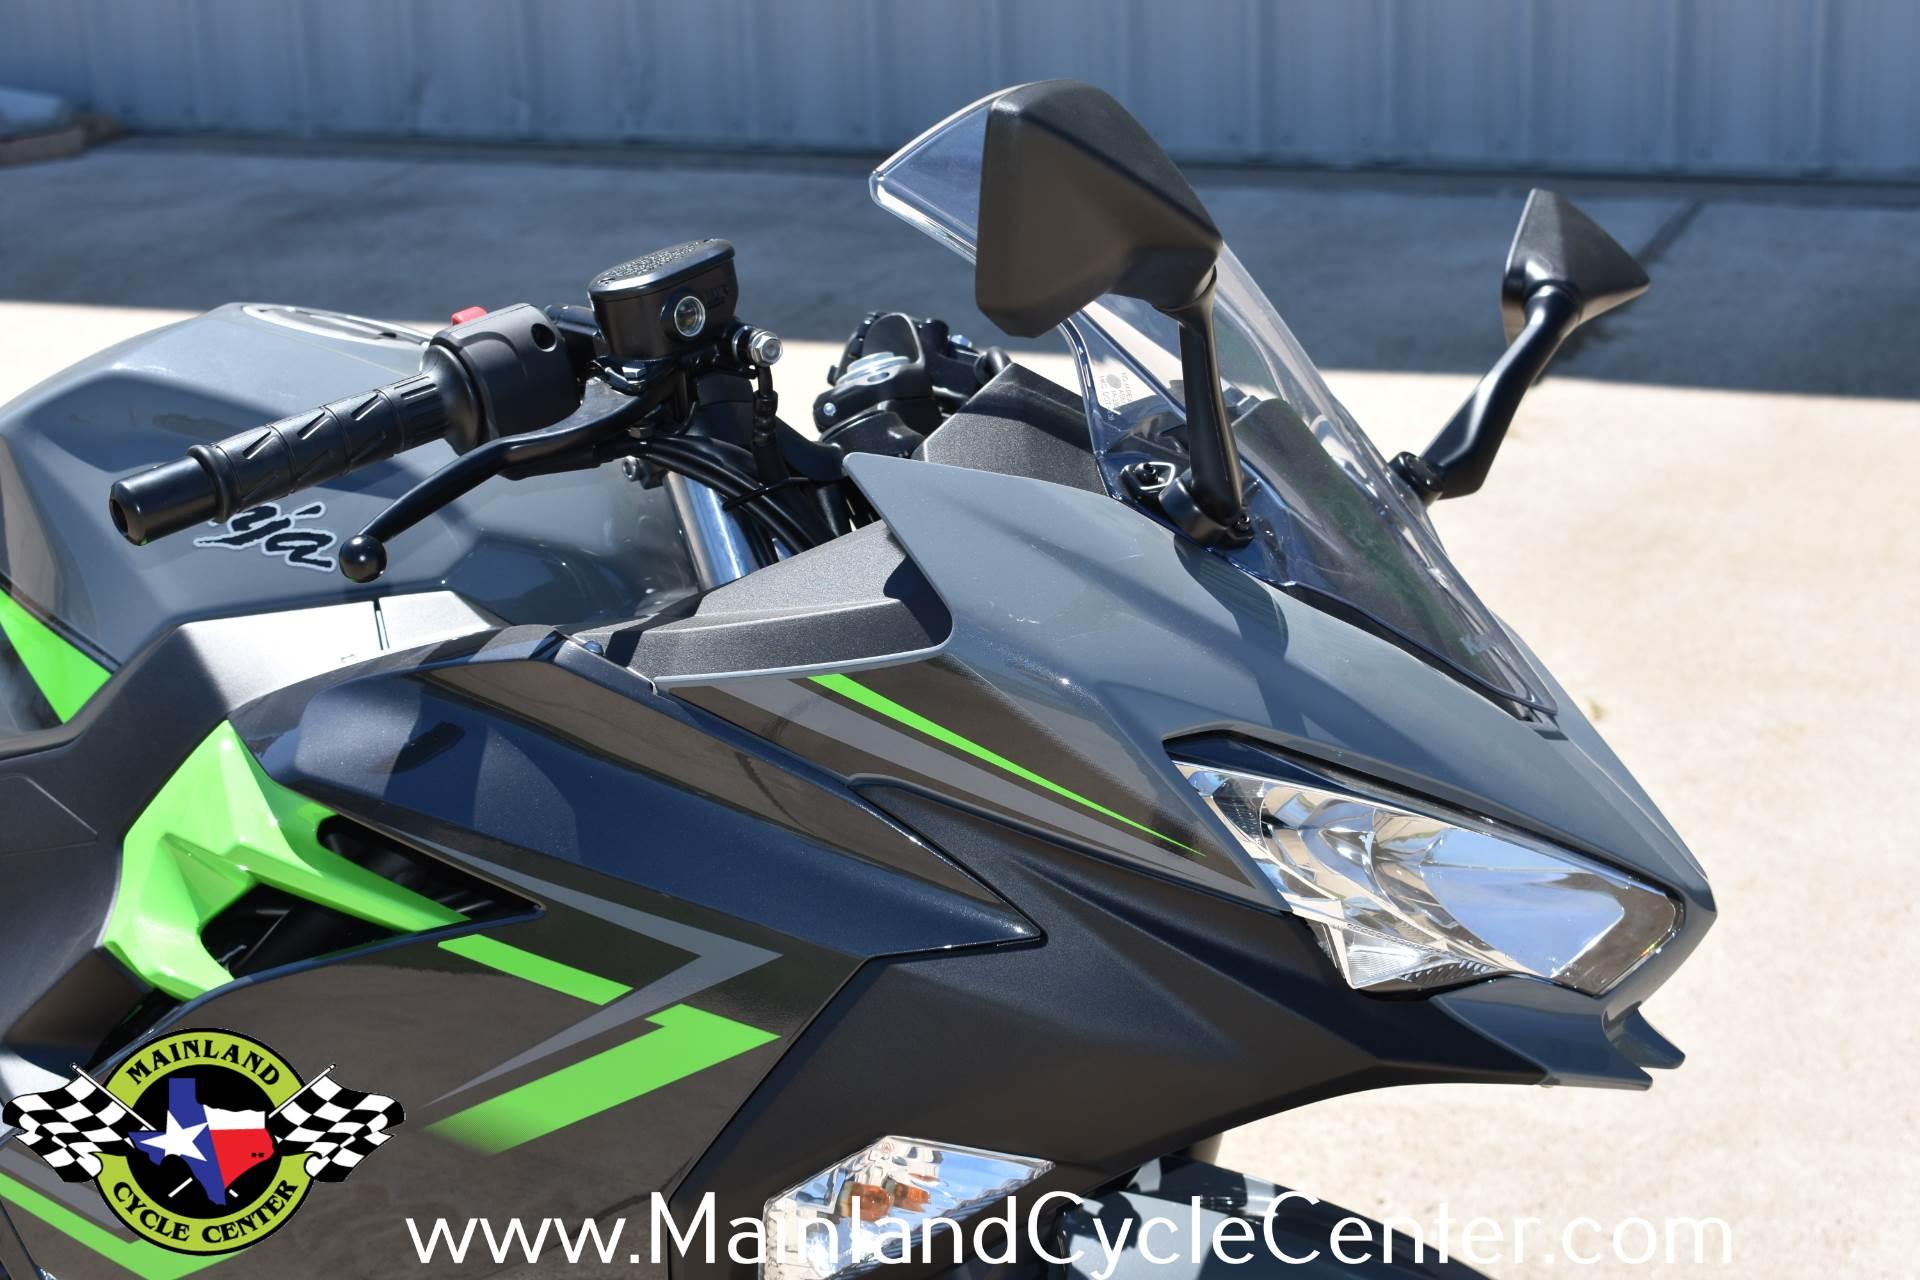 2019 Kawasaki Ninja 400 ABS 12